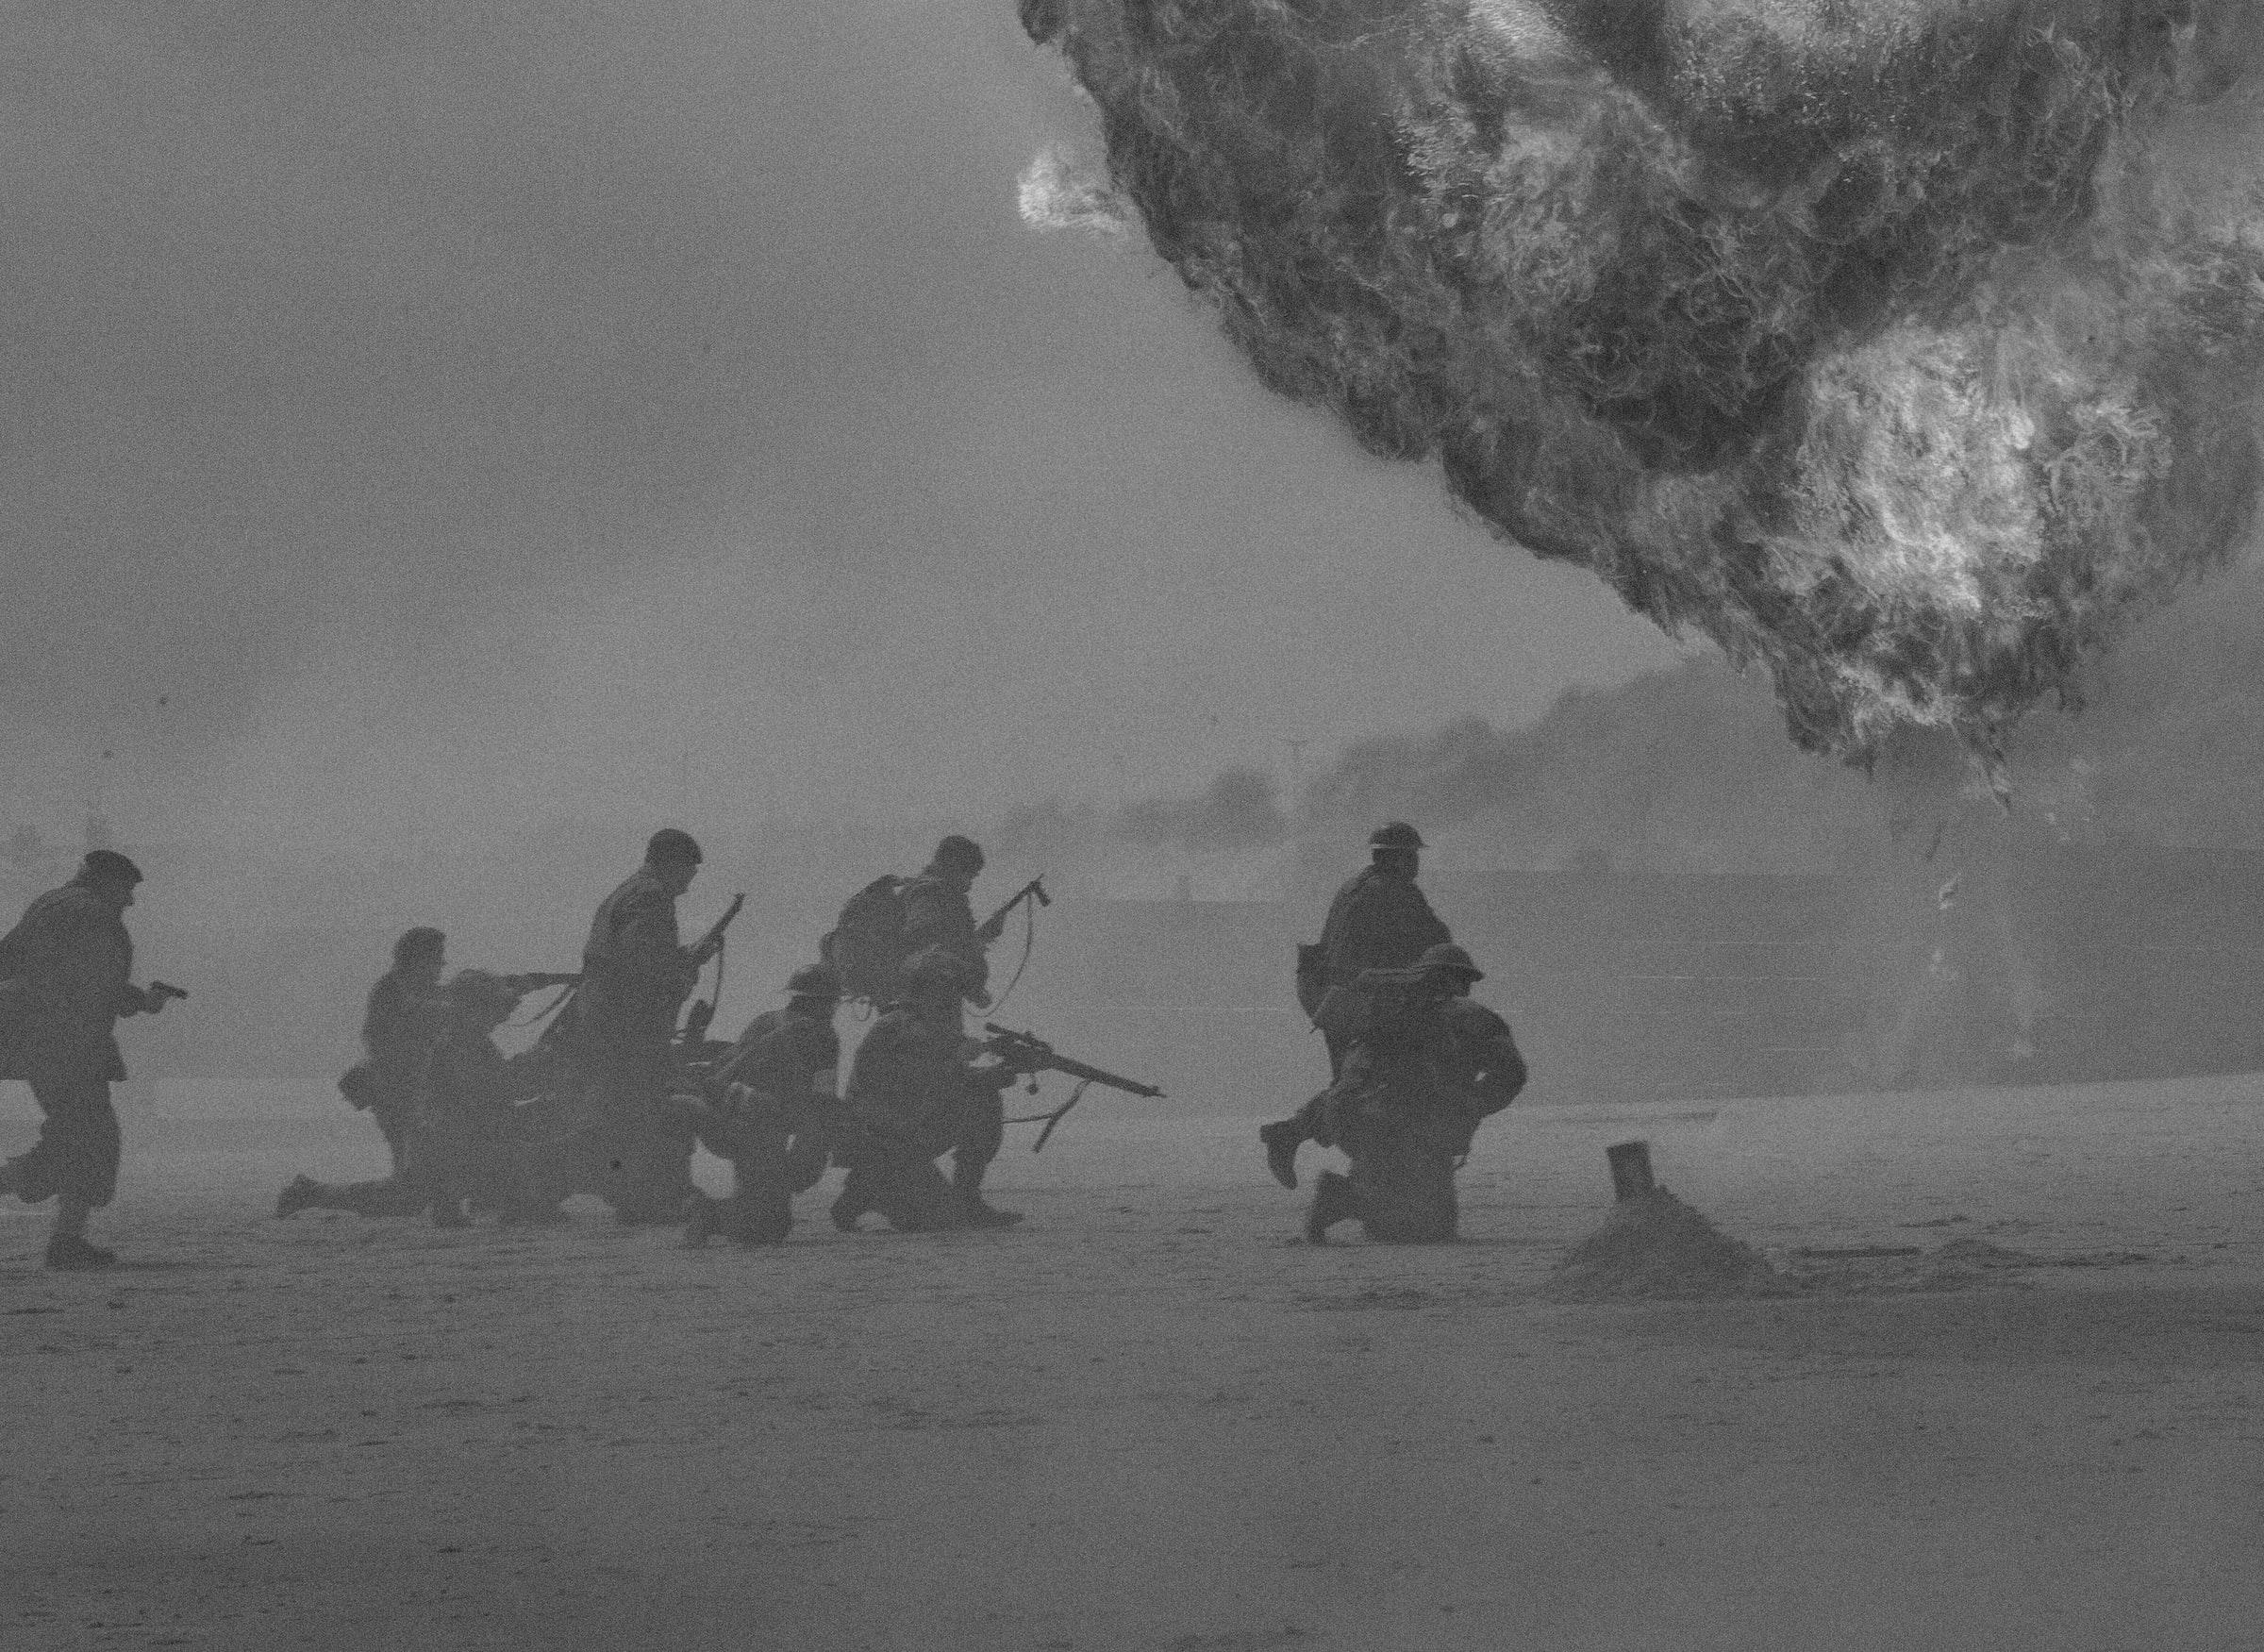 浜辺に兵士たちが上陸し、戦争を繰り広げている写真